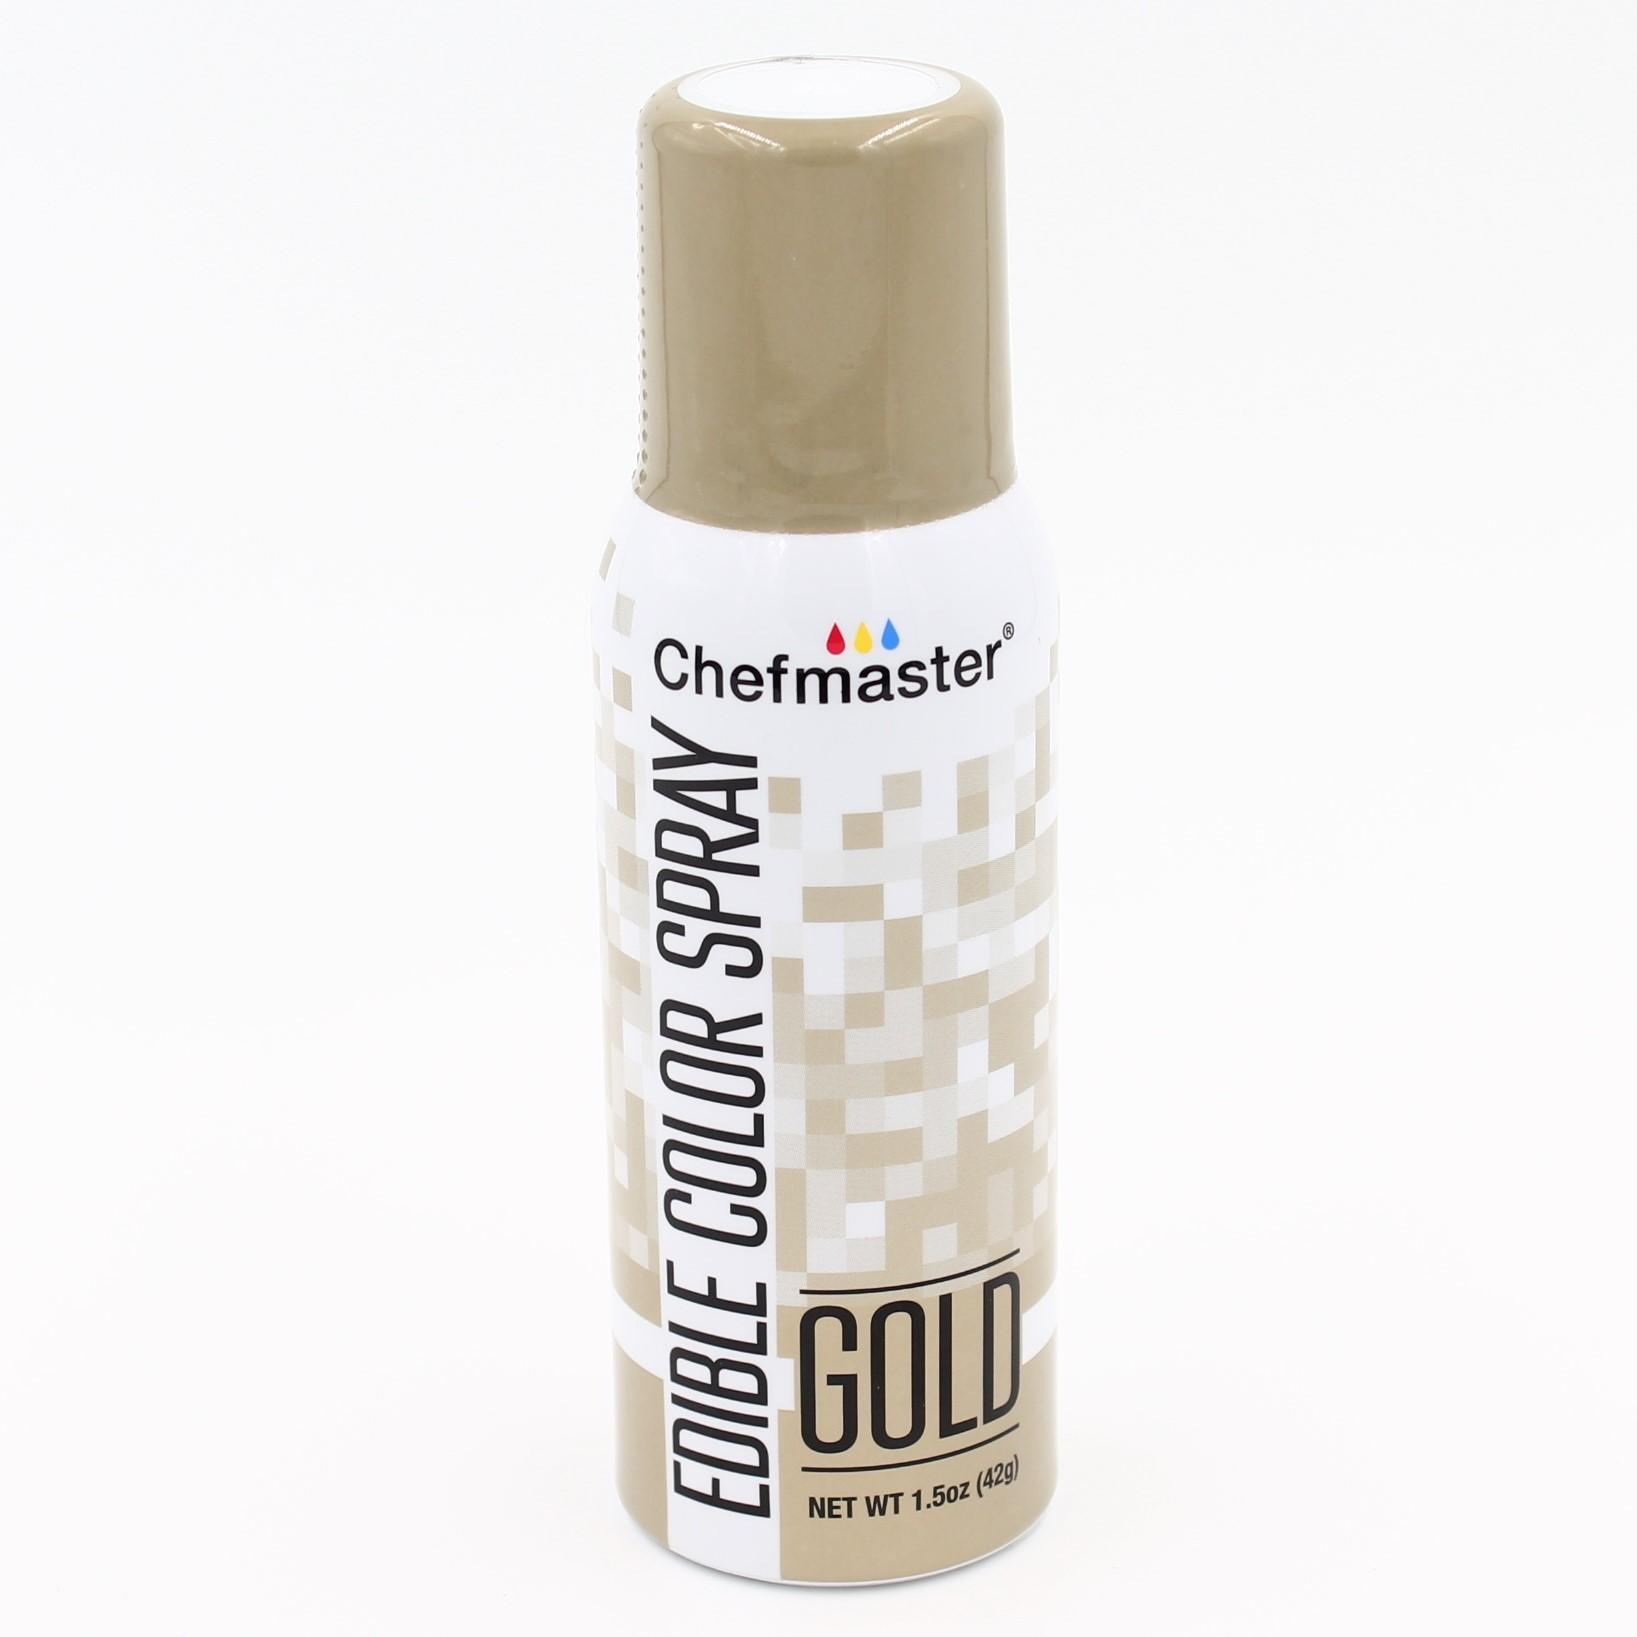 Chefmaster Spray Mist Food Color 1.5oz - Gold